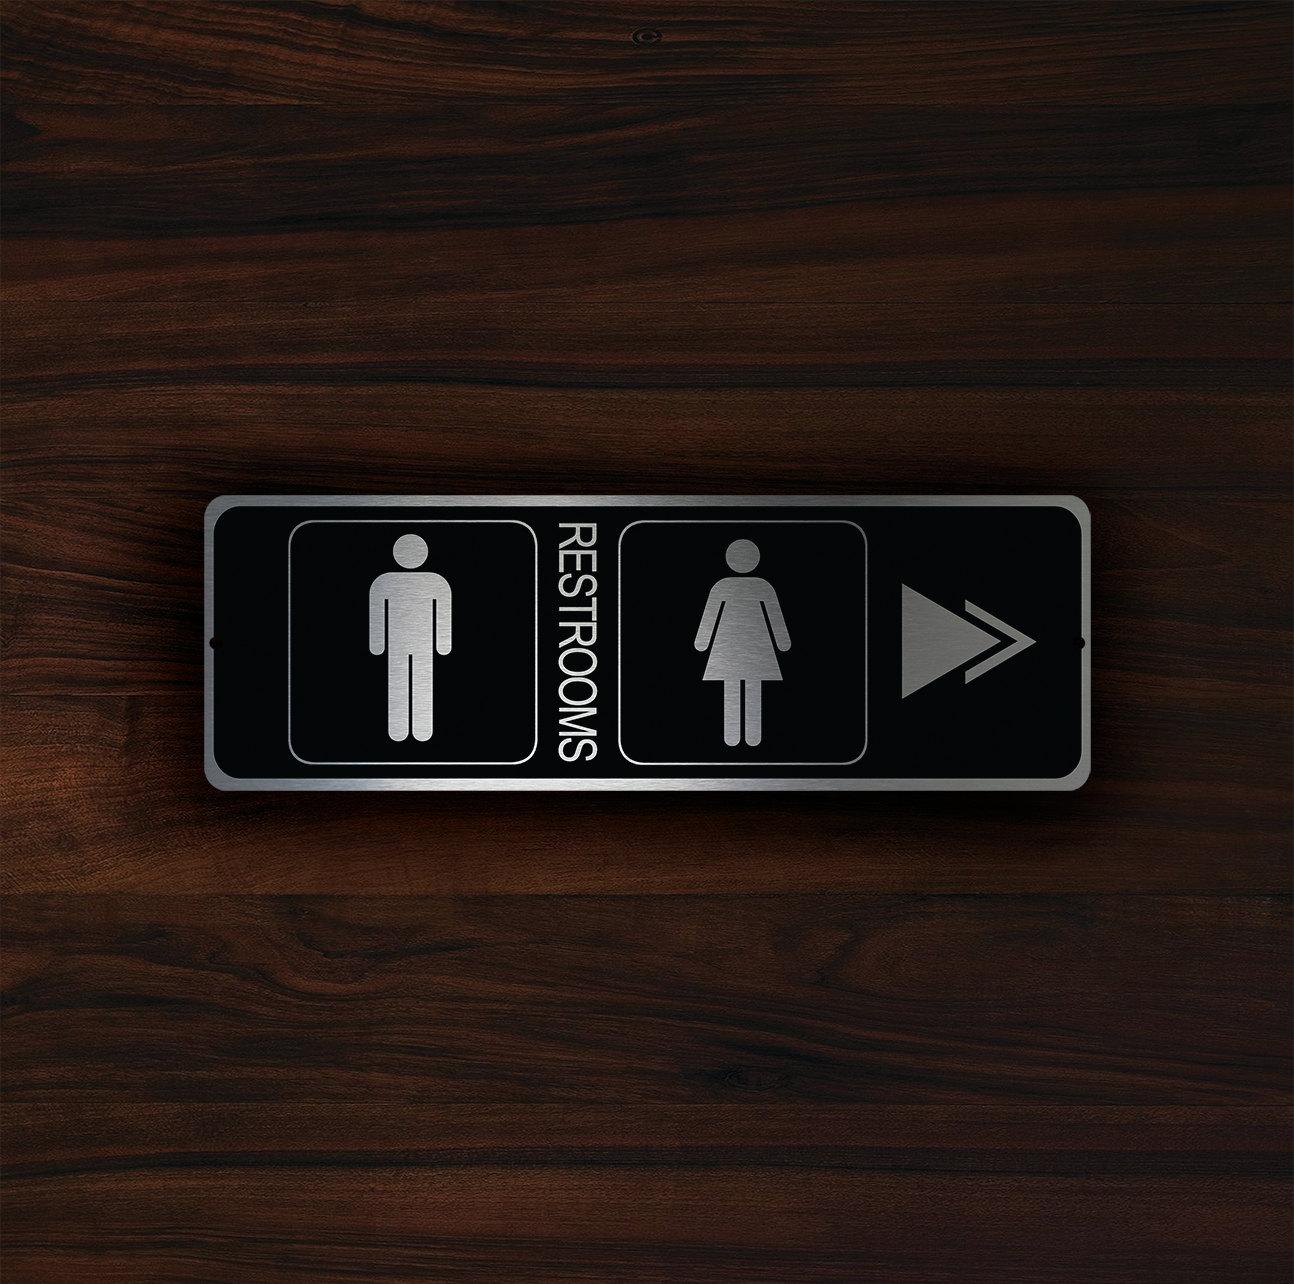 MODERN RESTROOM DOOR Sign